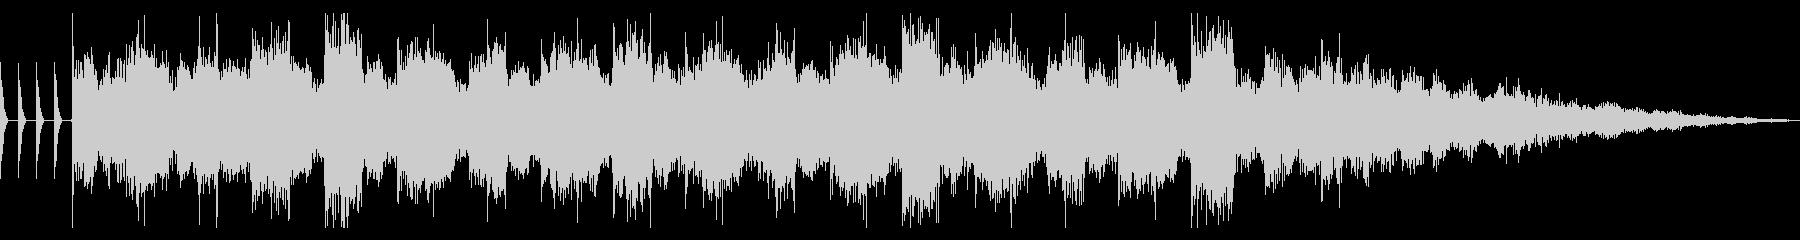 リザルトBGM サウンドロゴ エレクトロの未再生の波形